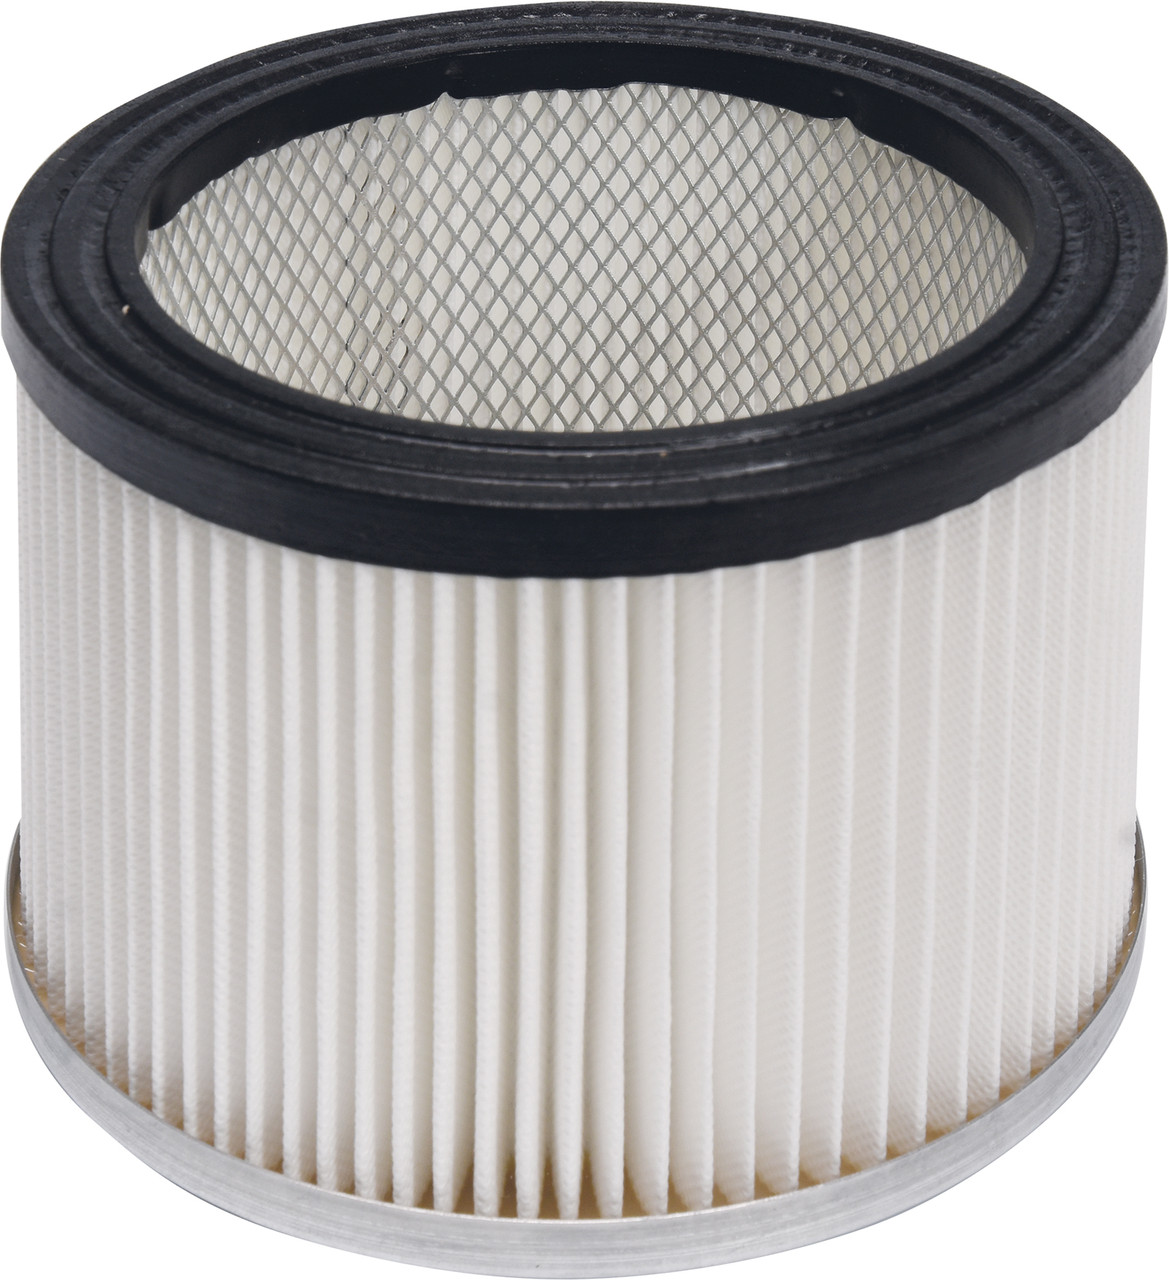 Фільтр для пилососів YT-85700 і YT-85701 з фильтрированой папери YATO